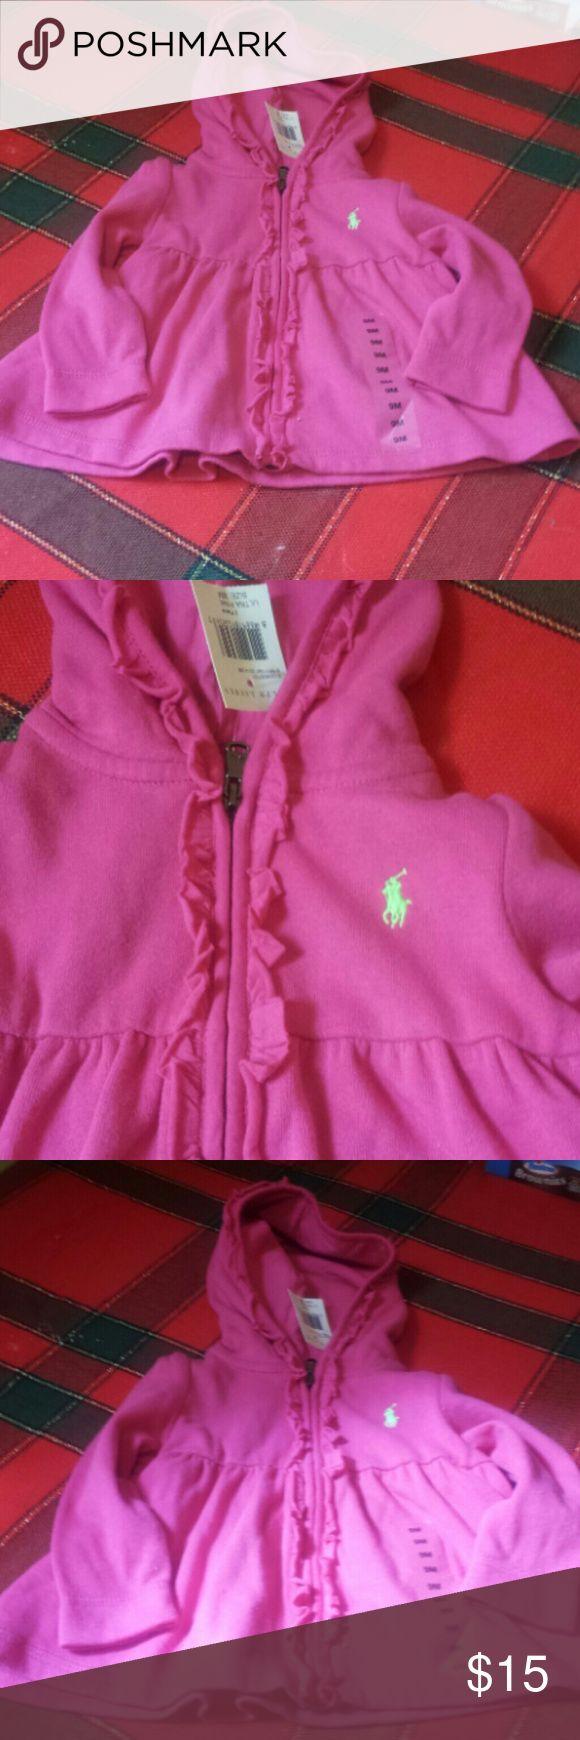 NWT Ralph Lauren hoodie Great zip up sweatshirt Ralph Lauren Shirts & Tops Sweatshirts & Hoodies